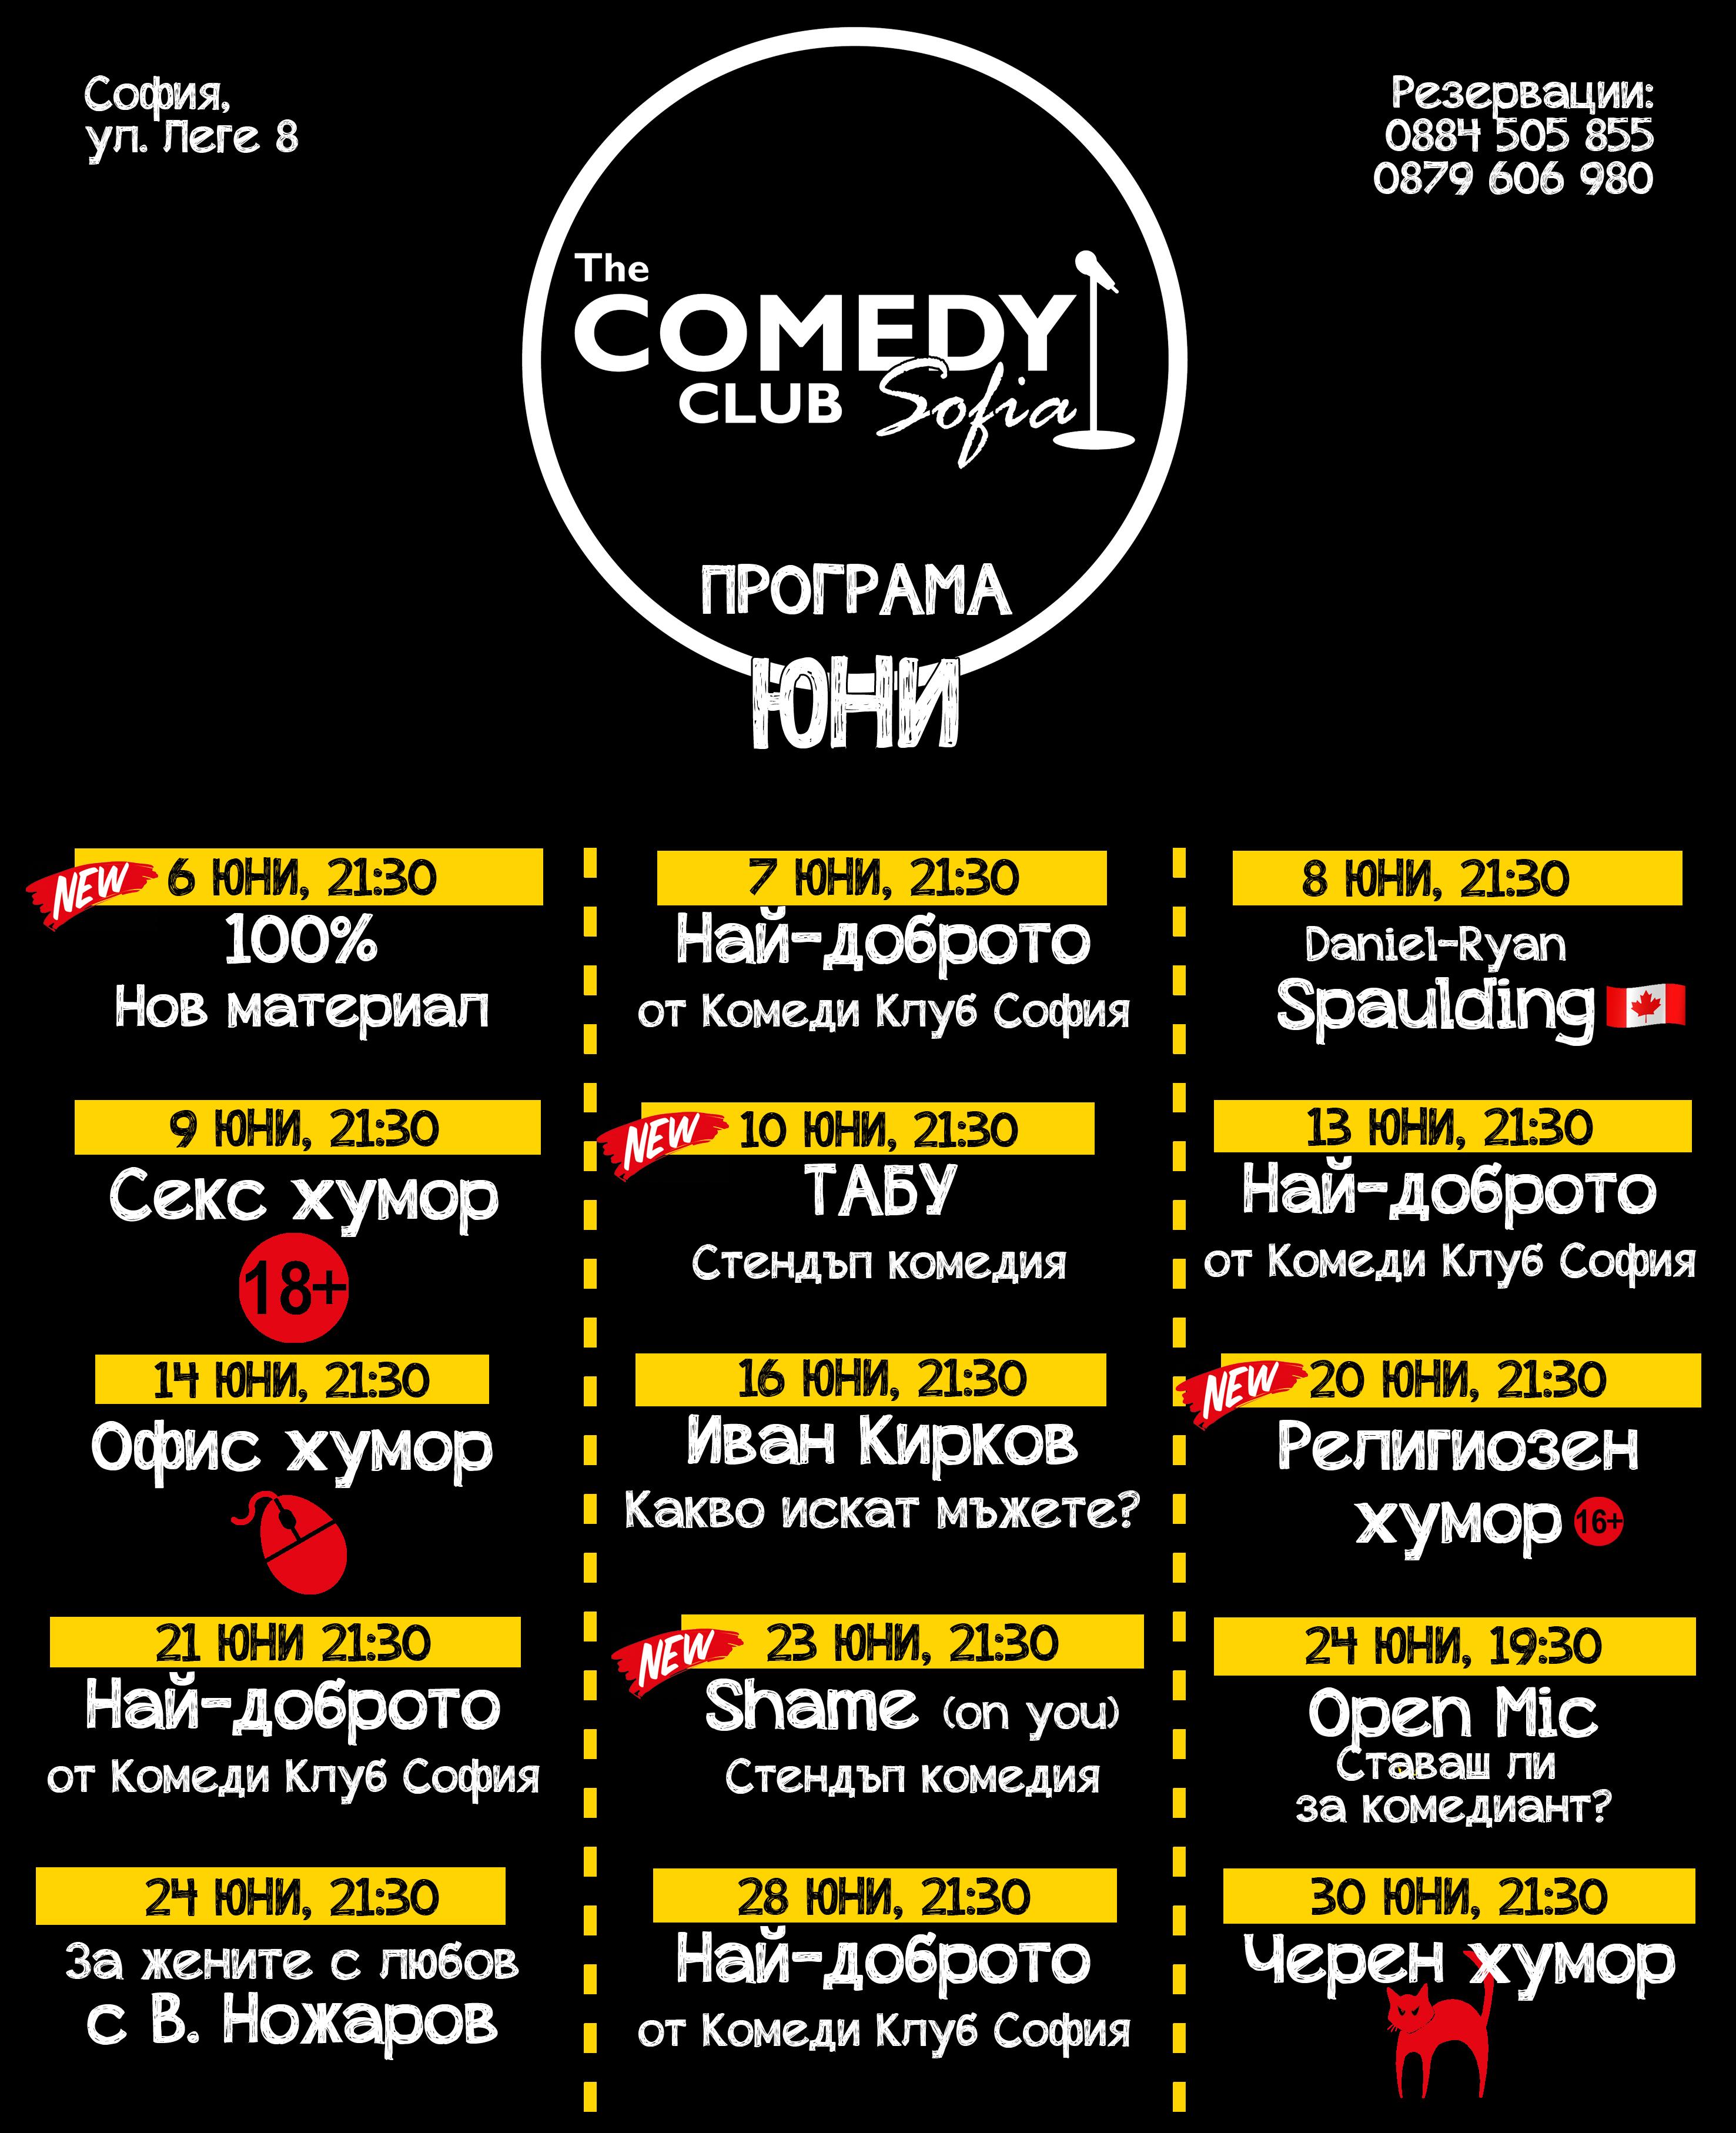 програма българска стендъп коемдия юни комеди клуб софия stand-up standup comedy the comedy club sofia programa bileti